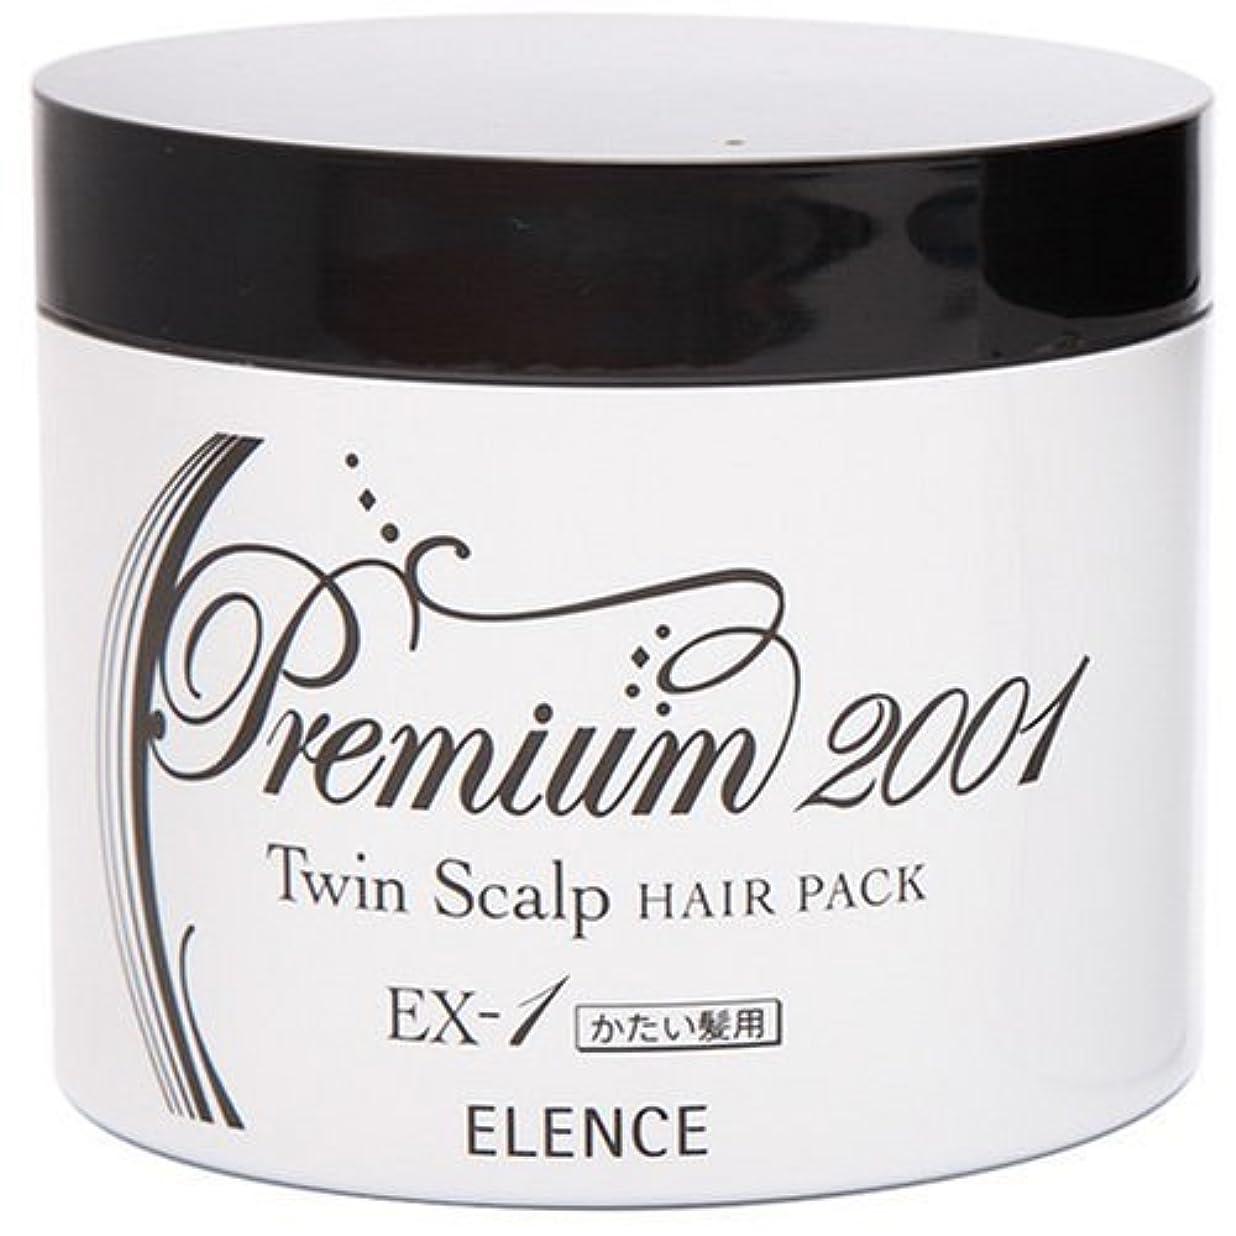 アフリカ人ウミウシリラックスしたエレンス2001 ツインスキャルプヘアパックEX-1(かたい髪用)